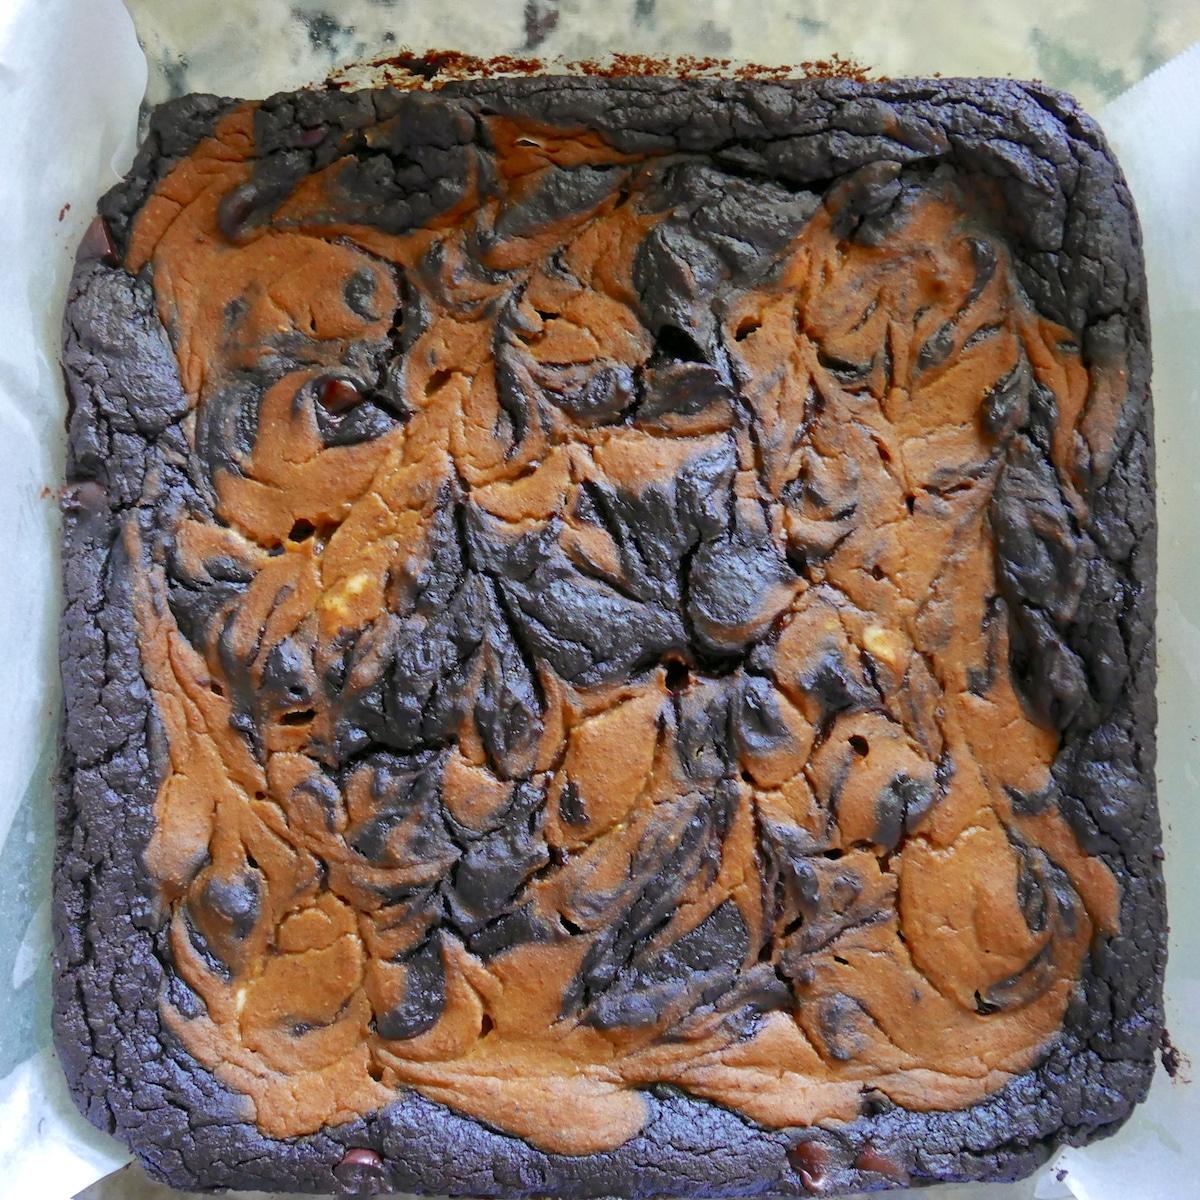 pumpkin brownies in a baking pan